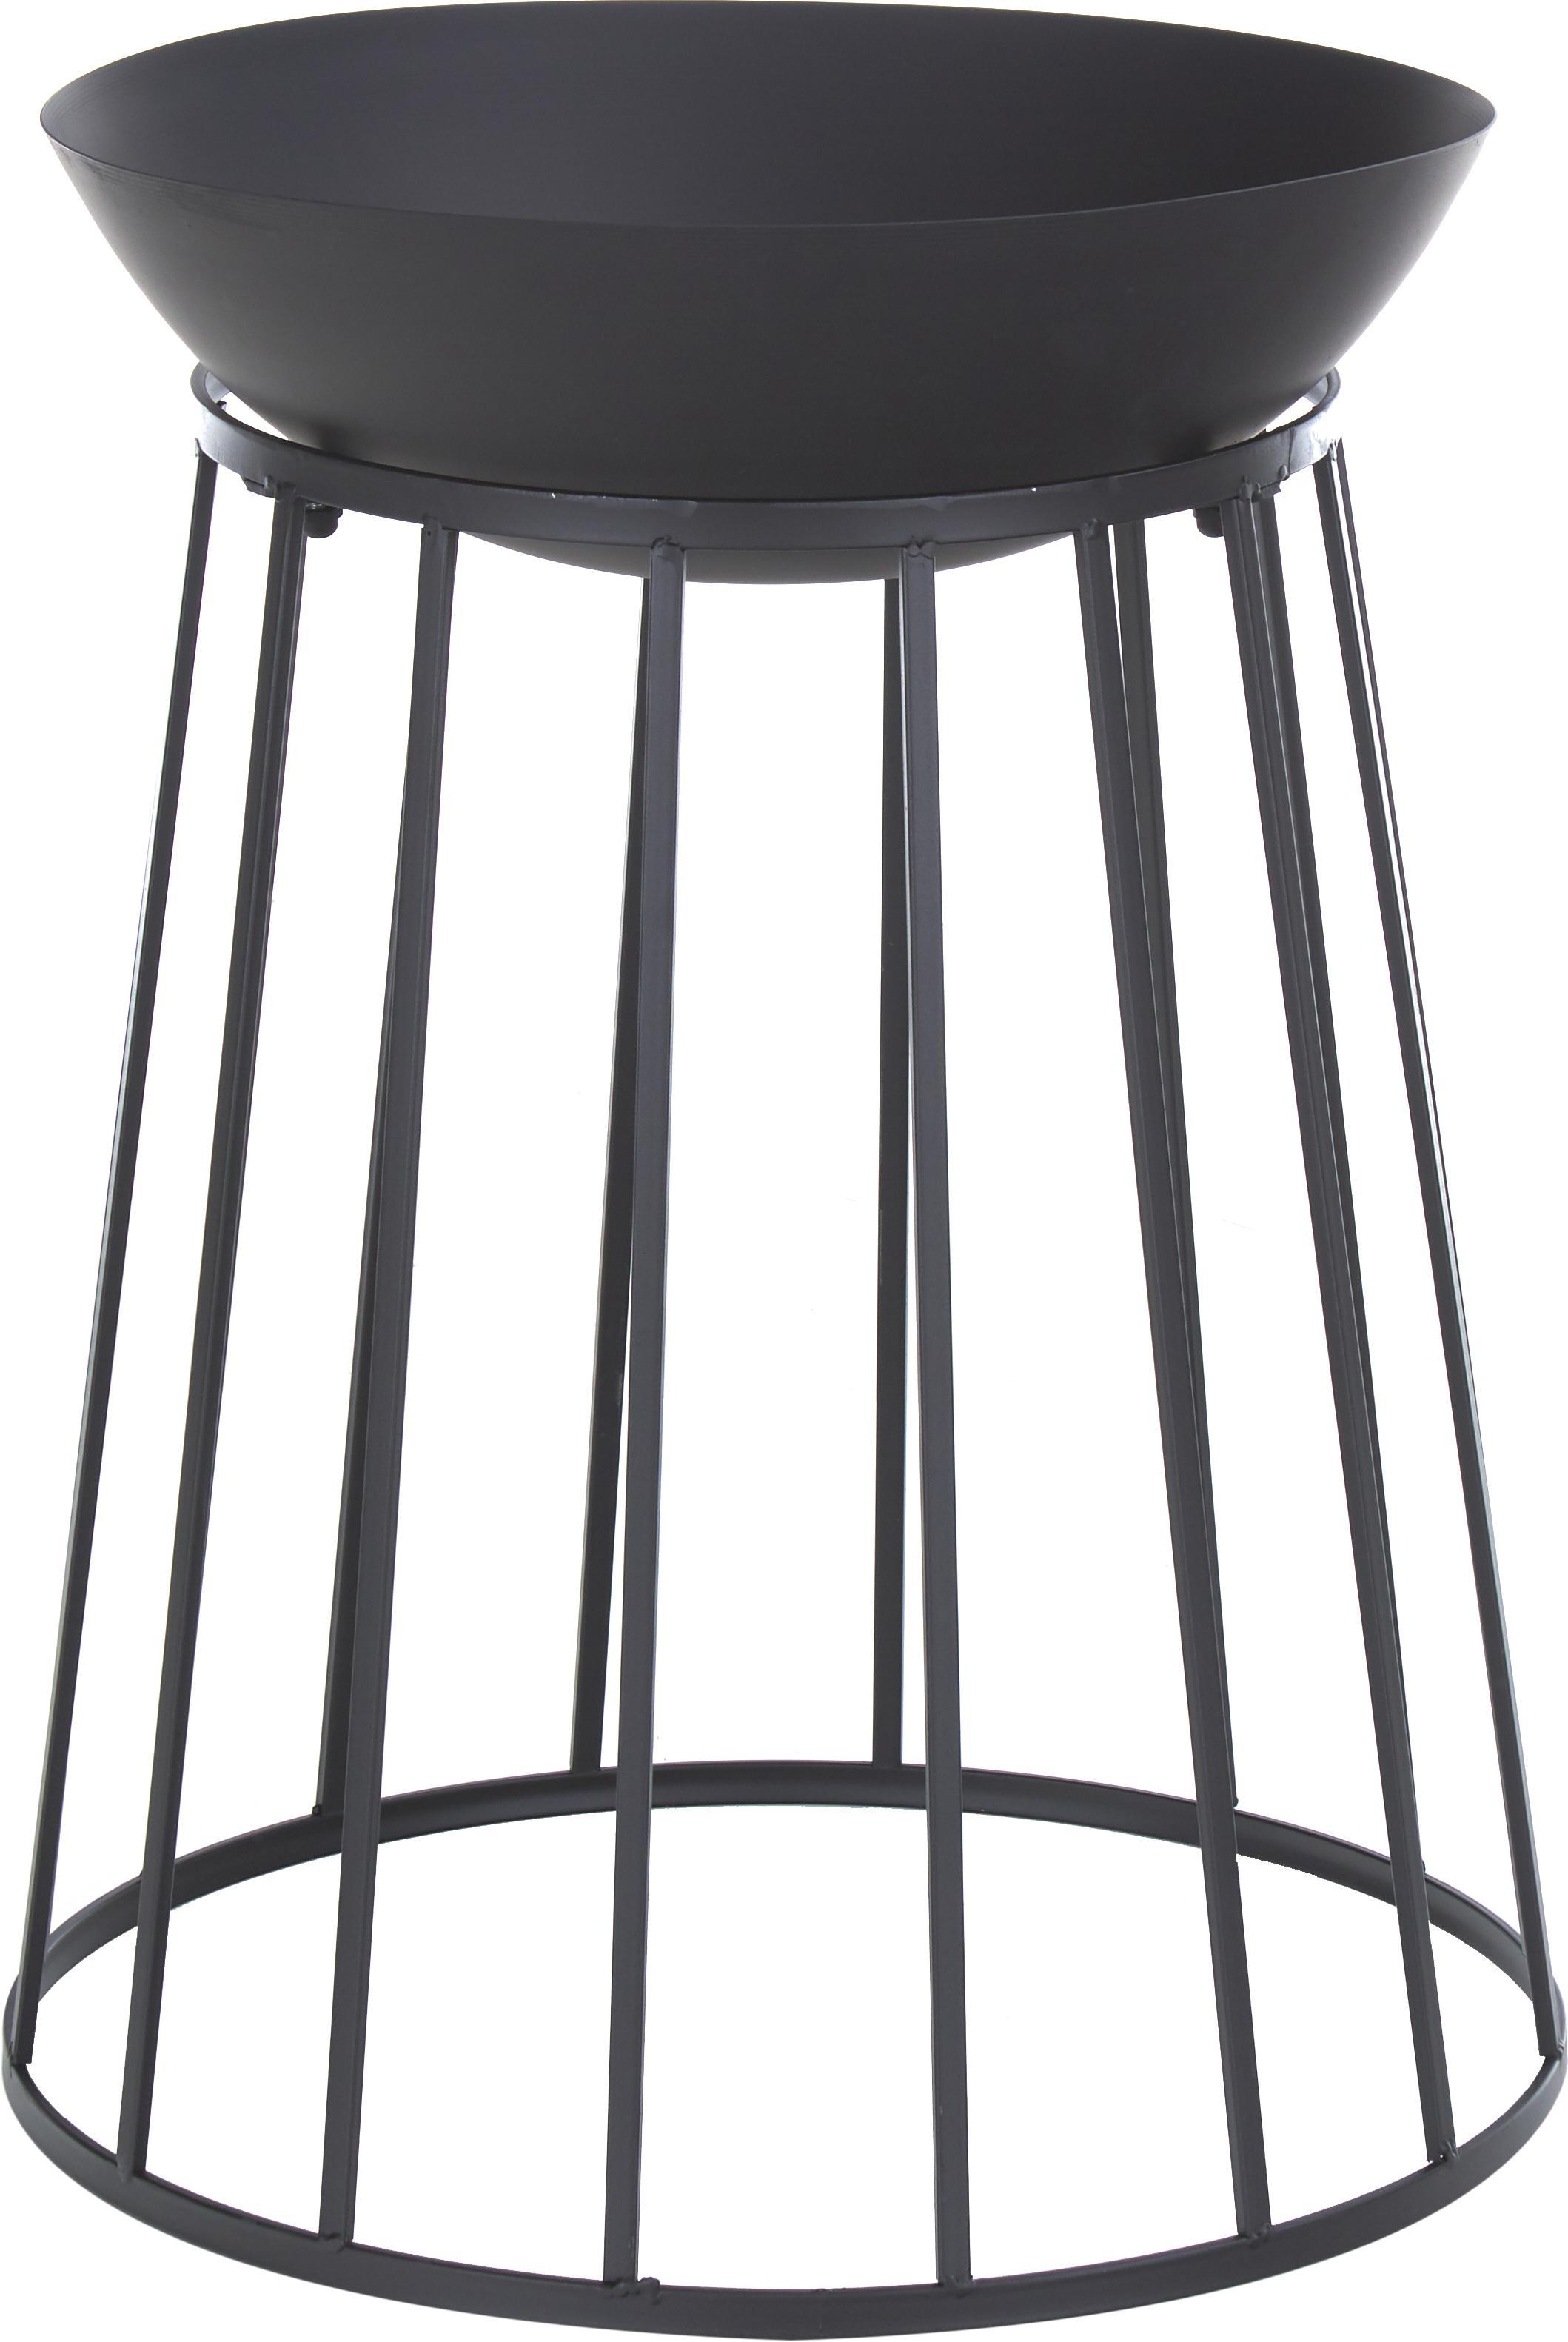 Vuurschaal Efesto, Gepoedercoat staal, bestand tegen hoge temperaturen, Zwart, Ø 50 x H 63 cm